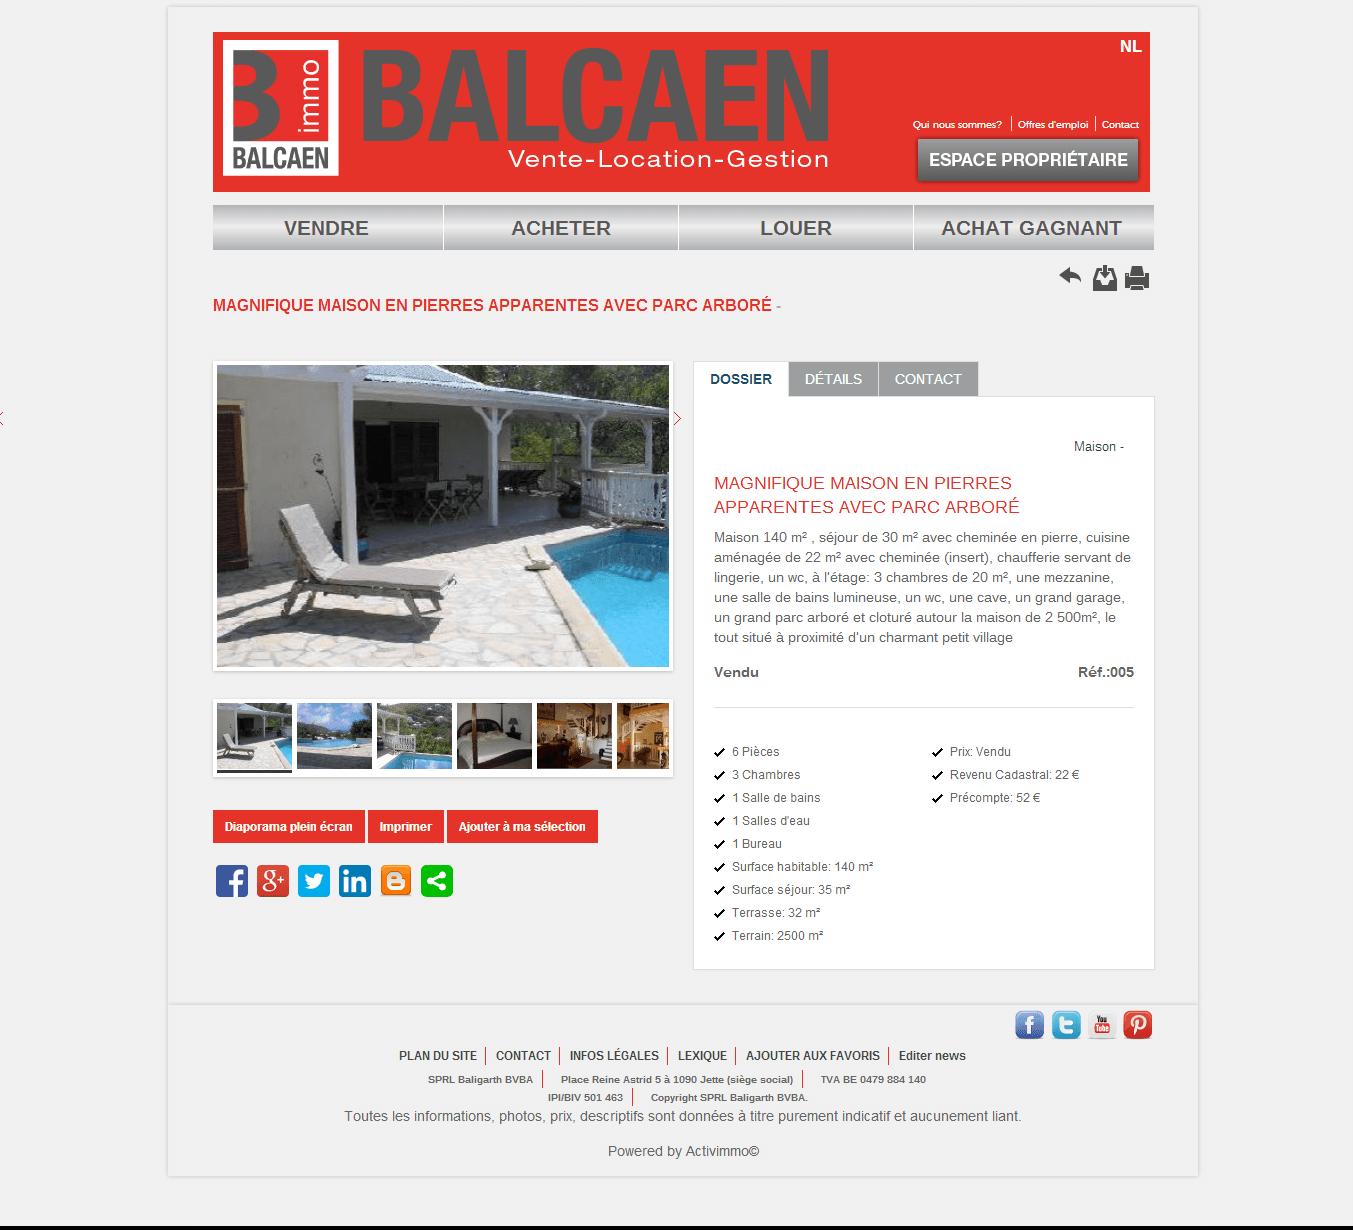 balcaen property page 2